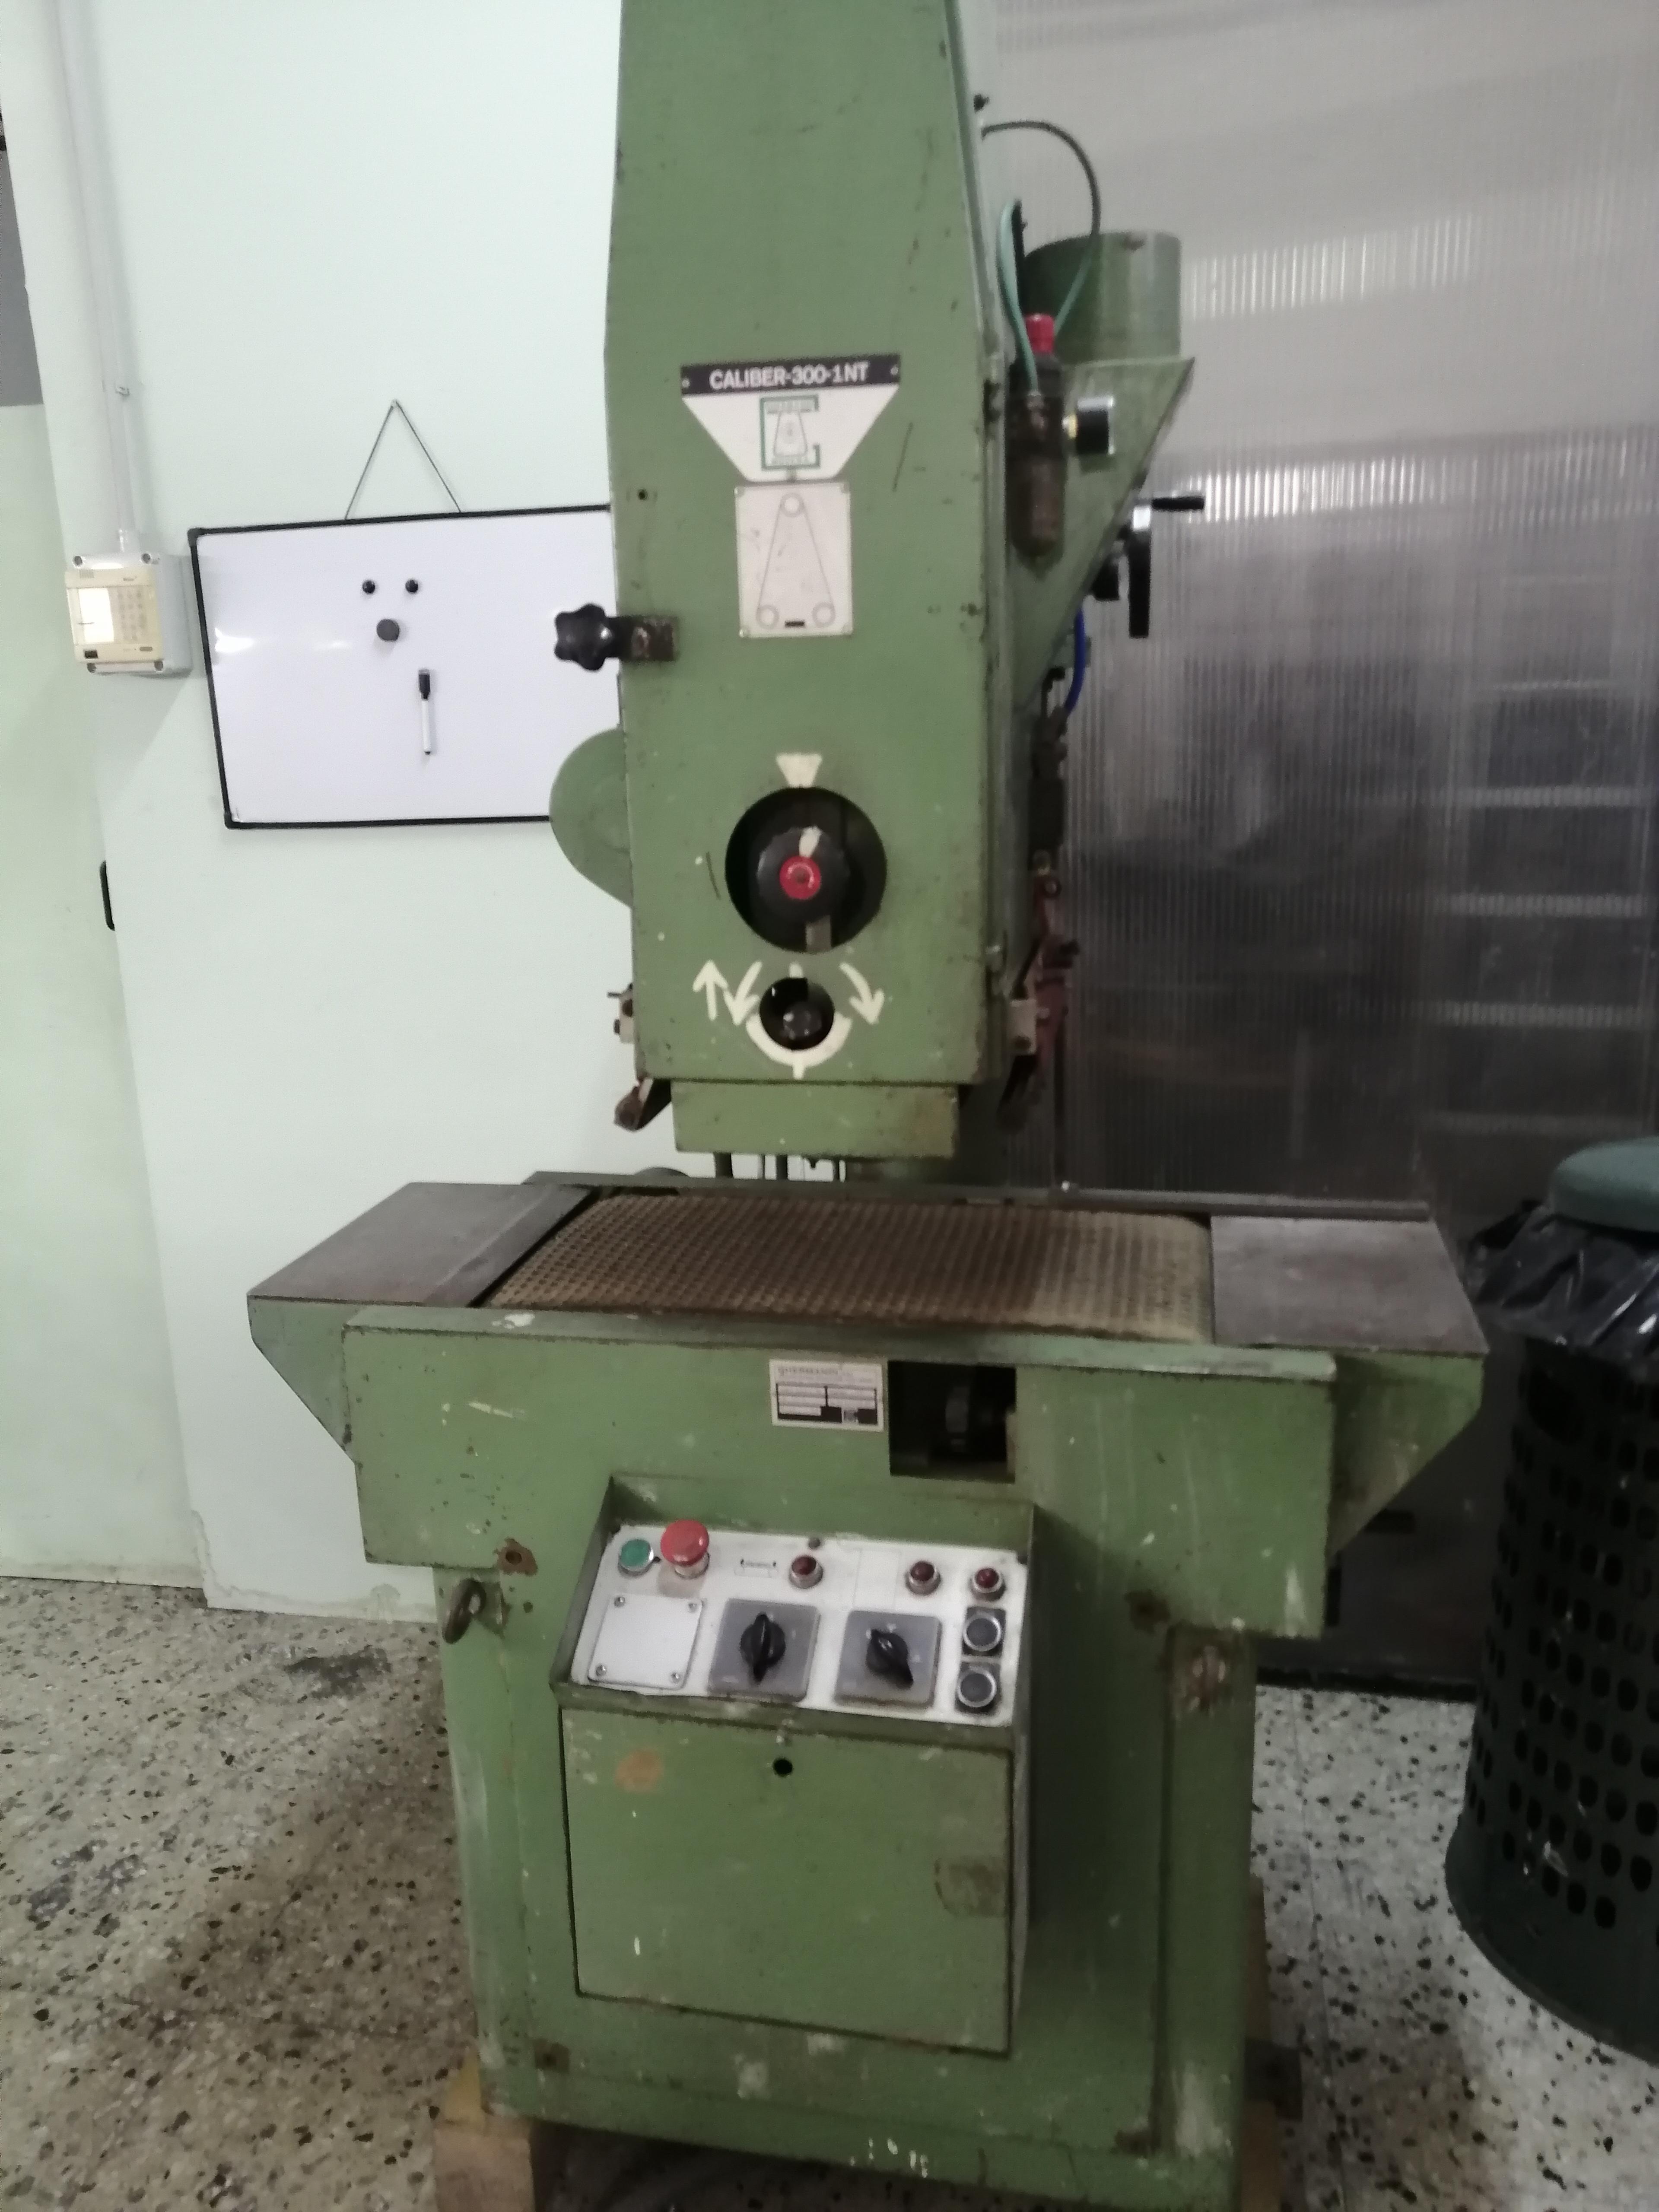 Calibratrice GHERMANDI CALIBER 300 - 1NT in vendita - foto 1